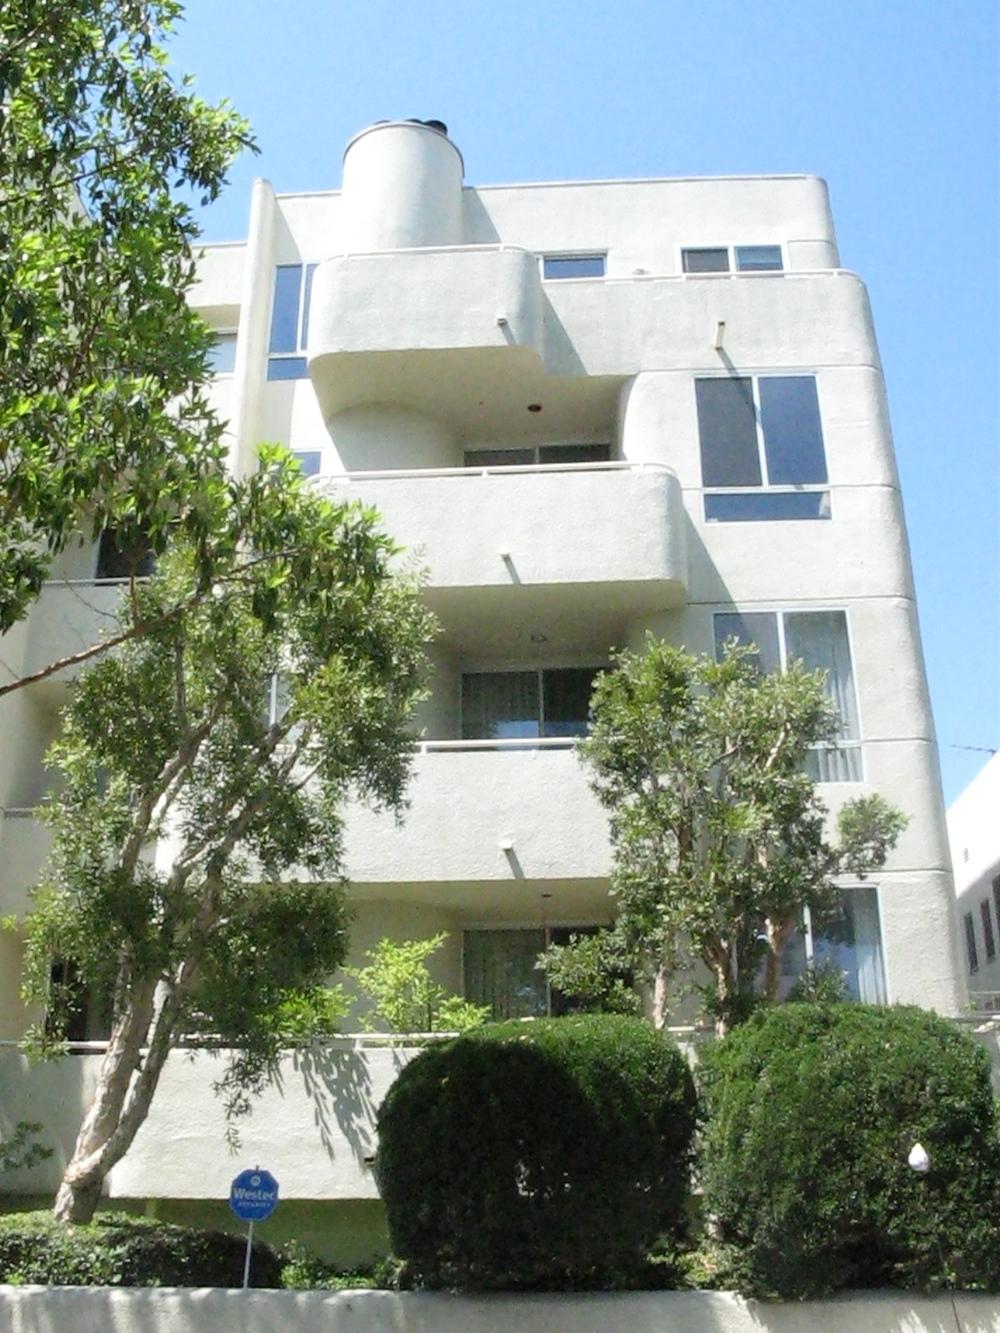 Penthouse (top floor) La Cienega / Pico 2 Bed/2-1/2 Ba @ $2,995